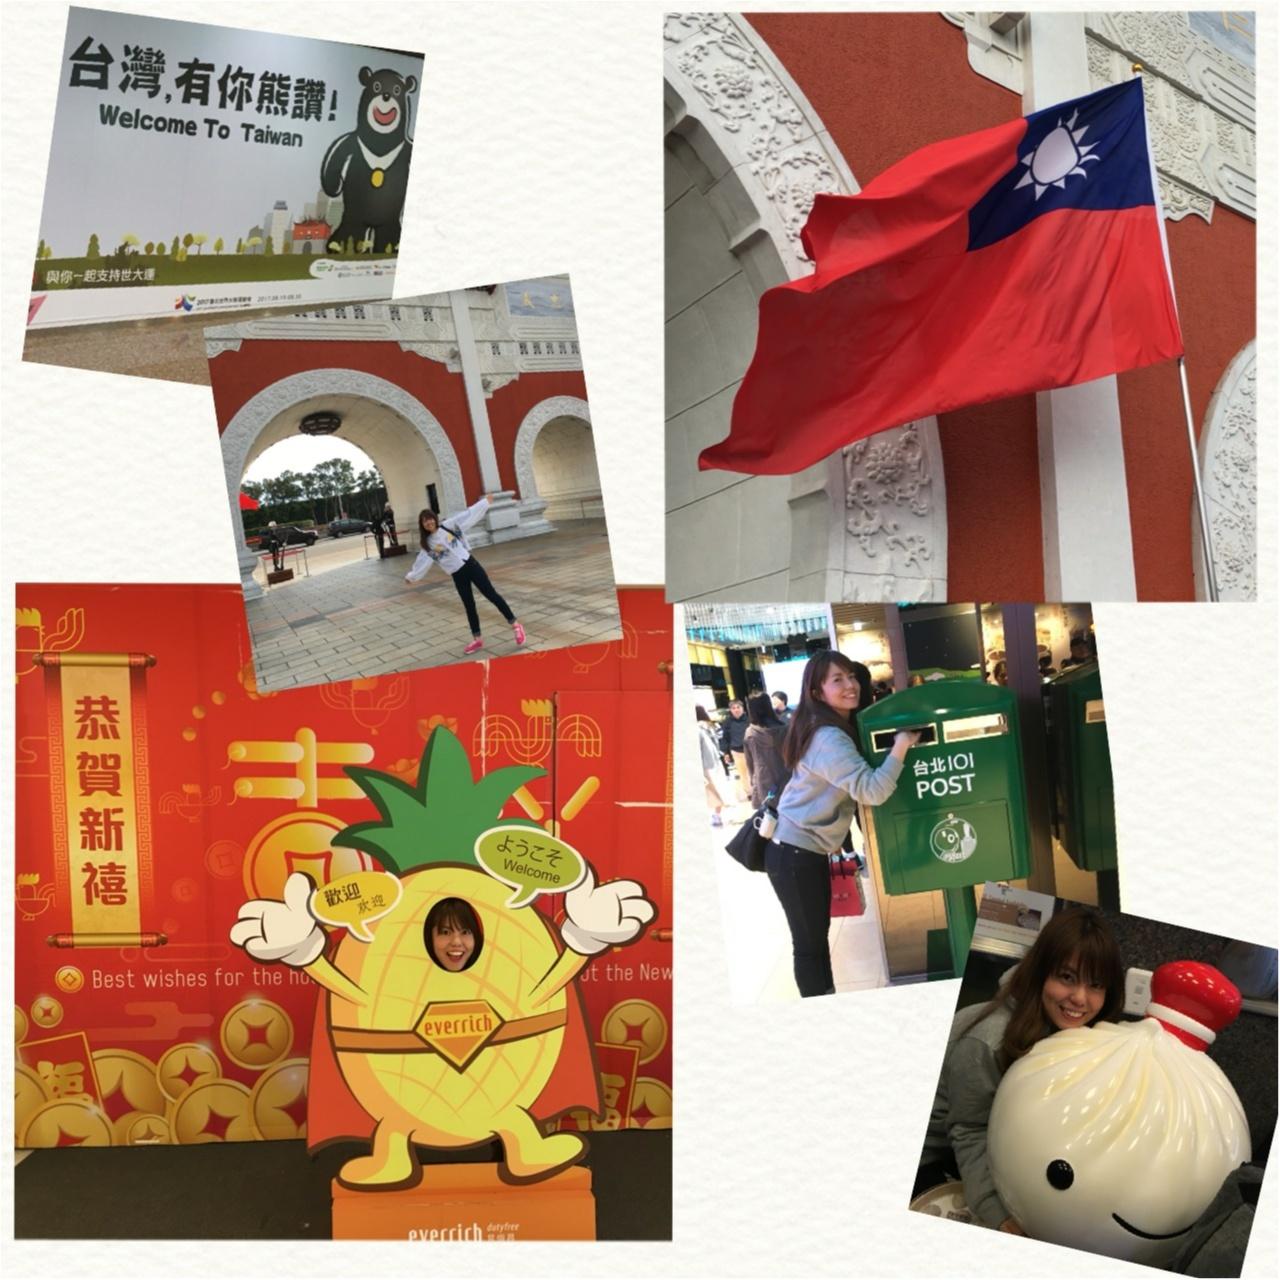 ≪台湾旅行≫まるでジブリの世界のなか♡台湾・九份へ行ってきました!♡_1